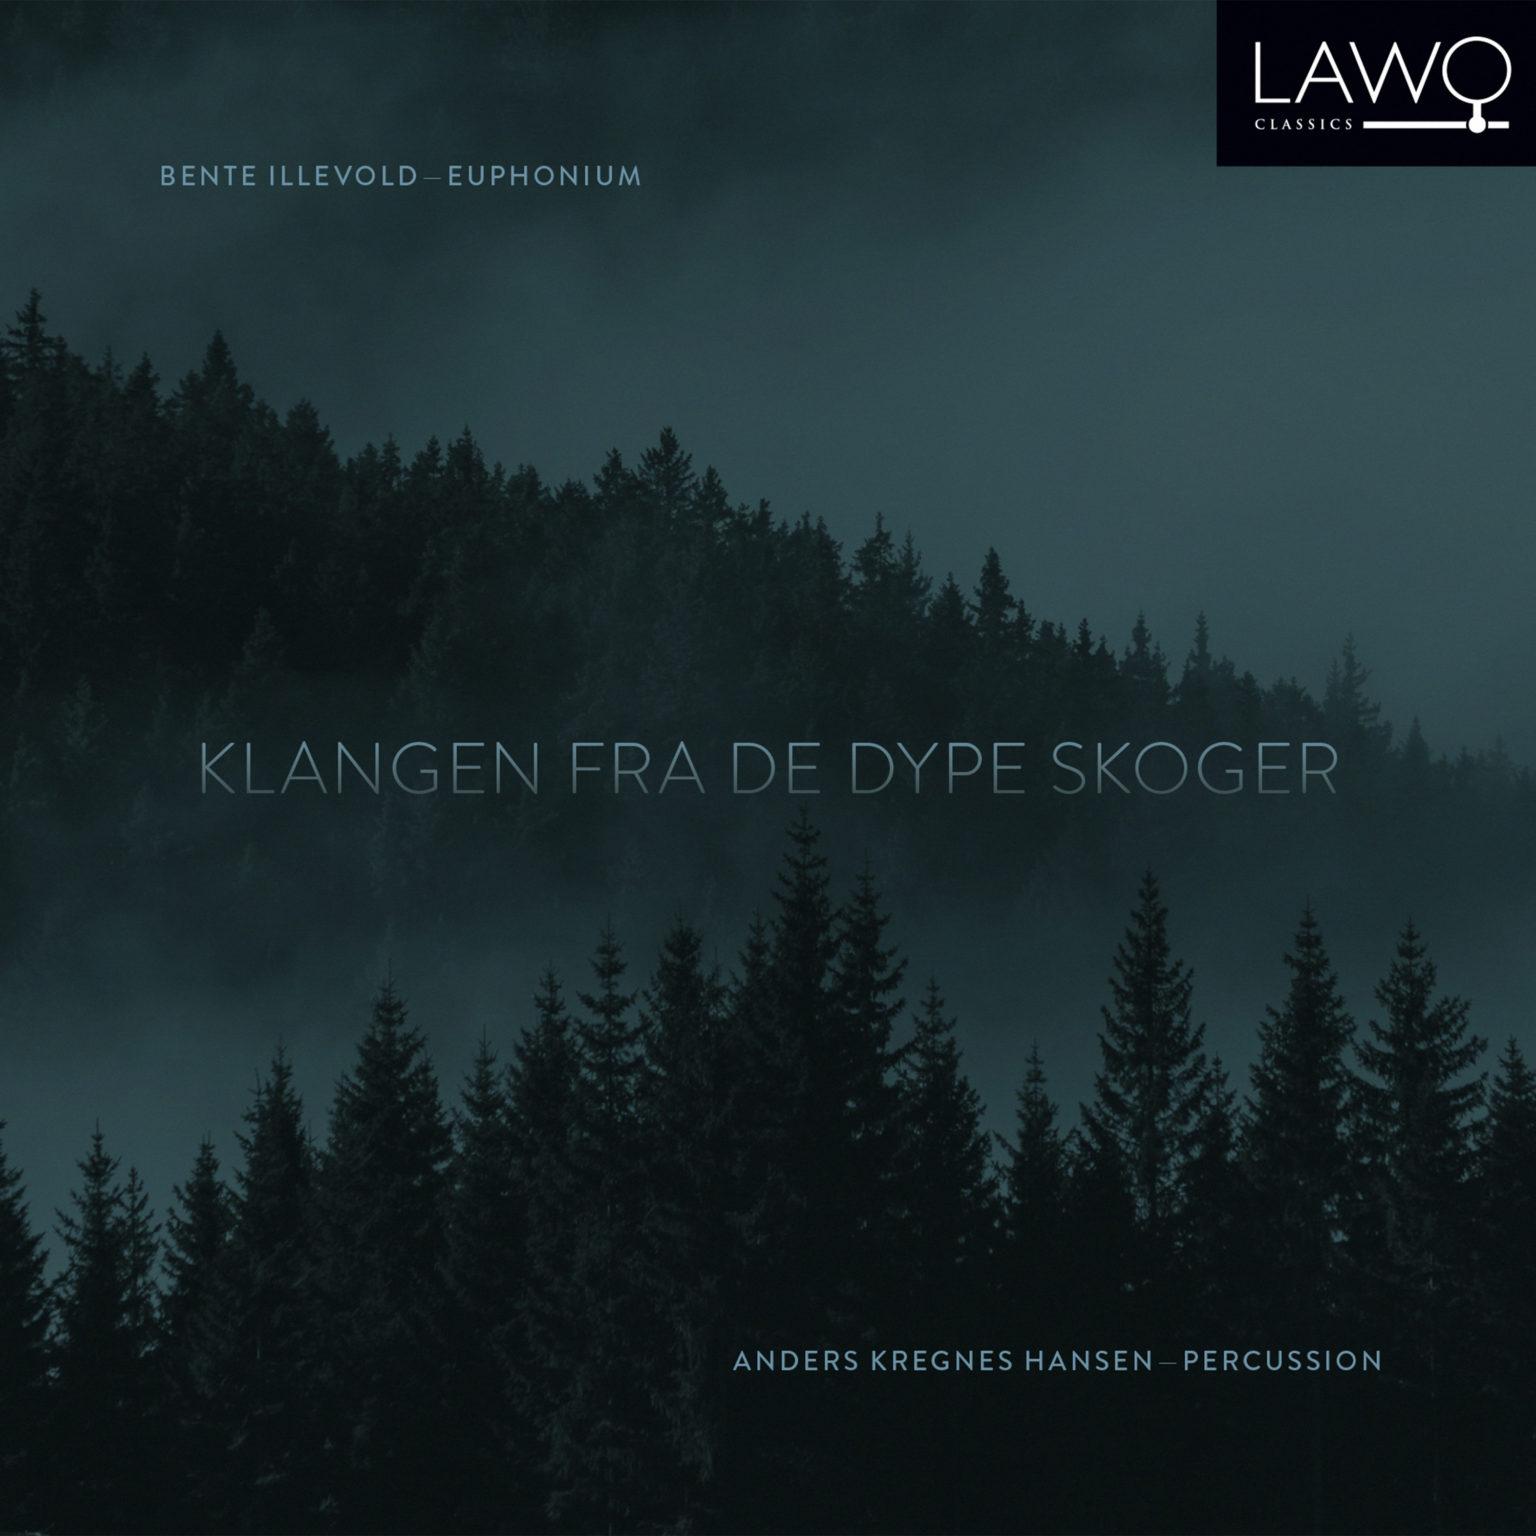 Click image for larger version.  Name:LWC1195_Bente_Illevold_Klangen_fra_de_dype_skoger_cover_3000x3000px-1536x1536.jpg Views:138 Size:174.8 KB ID:7720